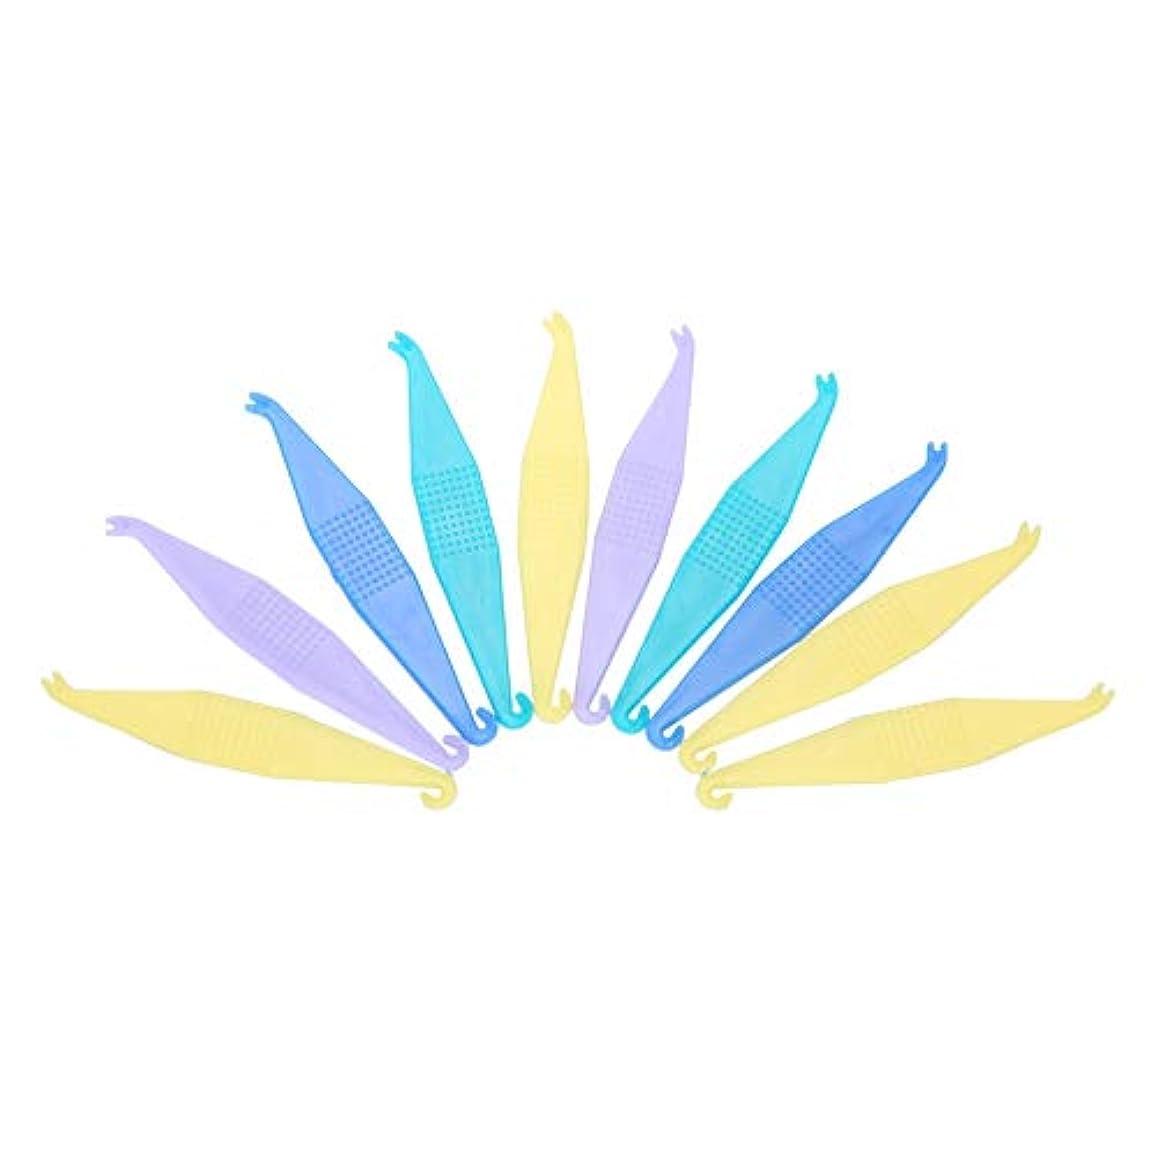 暖かさ家主週末TOPINCN 【10個セット】使い捨て矯正用弾性プラスサーズ 歯科用 使い捨て プラスチック製 歯列矯正歯科用プラスター 安全 衛生